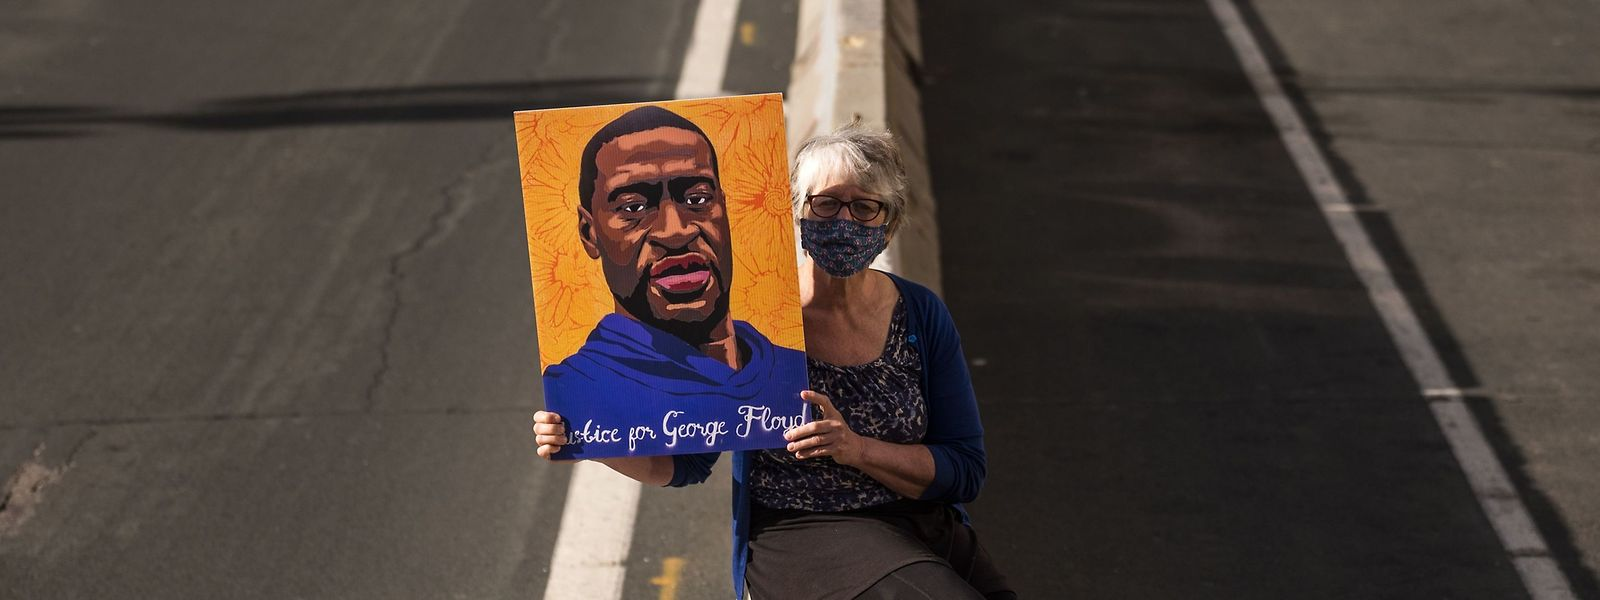 Auch während des Gerichtsverfahrens um den Tod von George Floyd kommt es in Minneapolis immer wieder zu Straßenprotesten gegen Polizeigewalt.